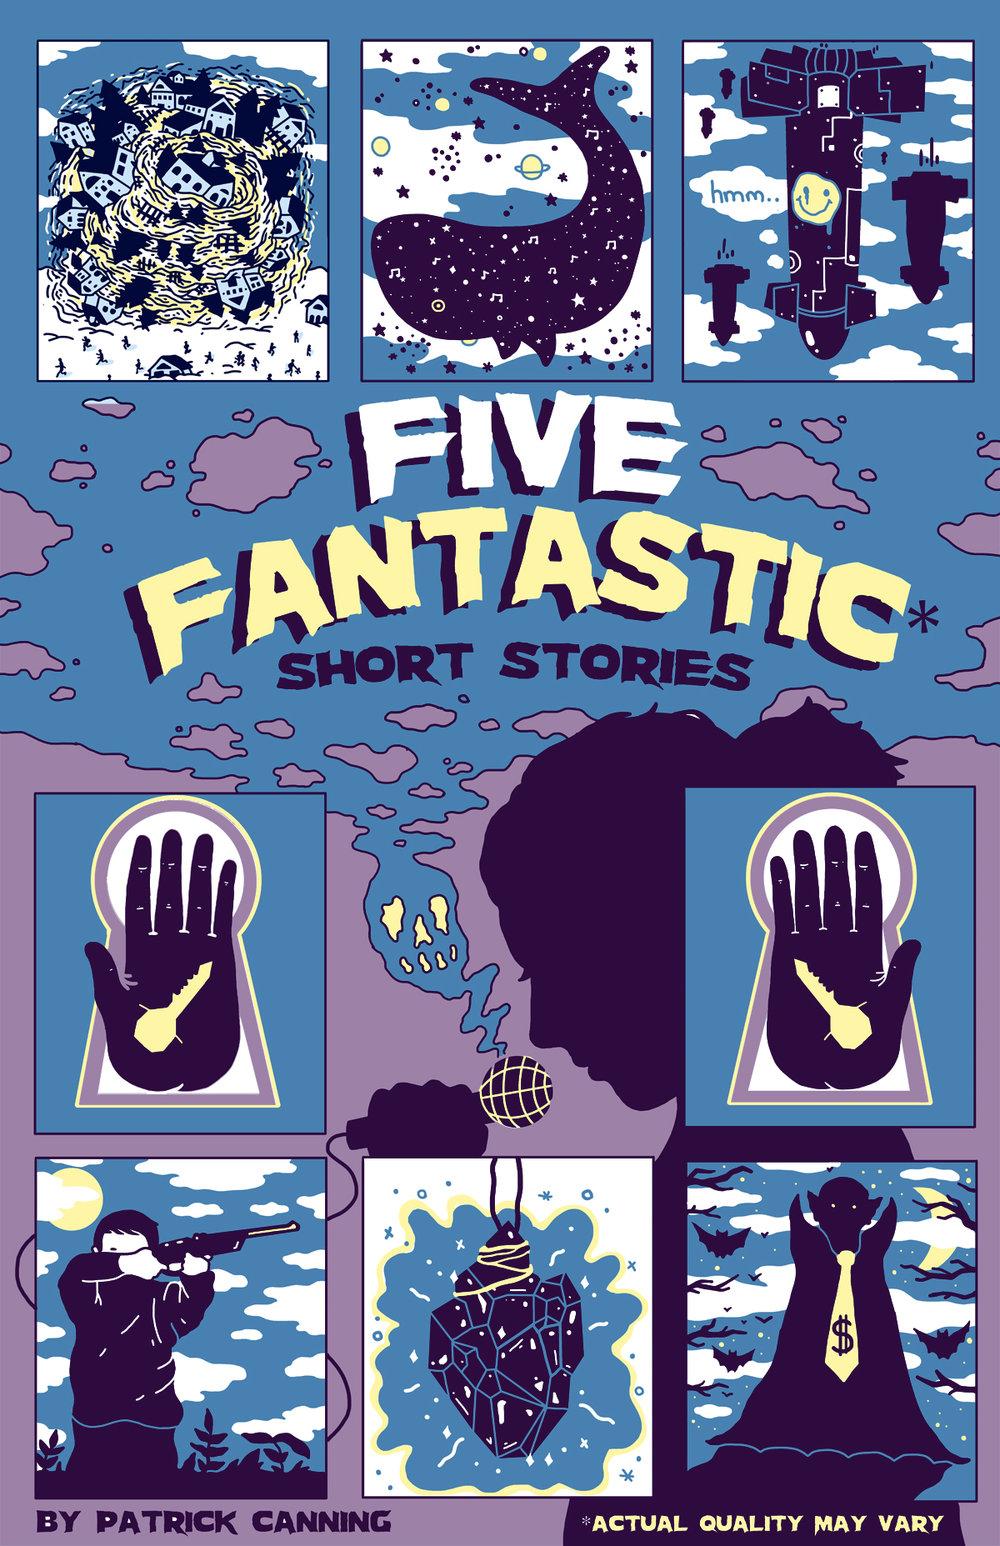 fivefantasticalillustration3.jpg